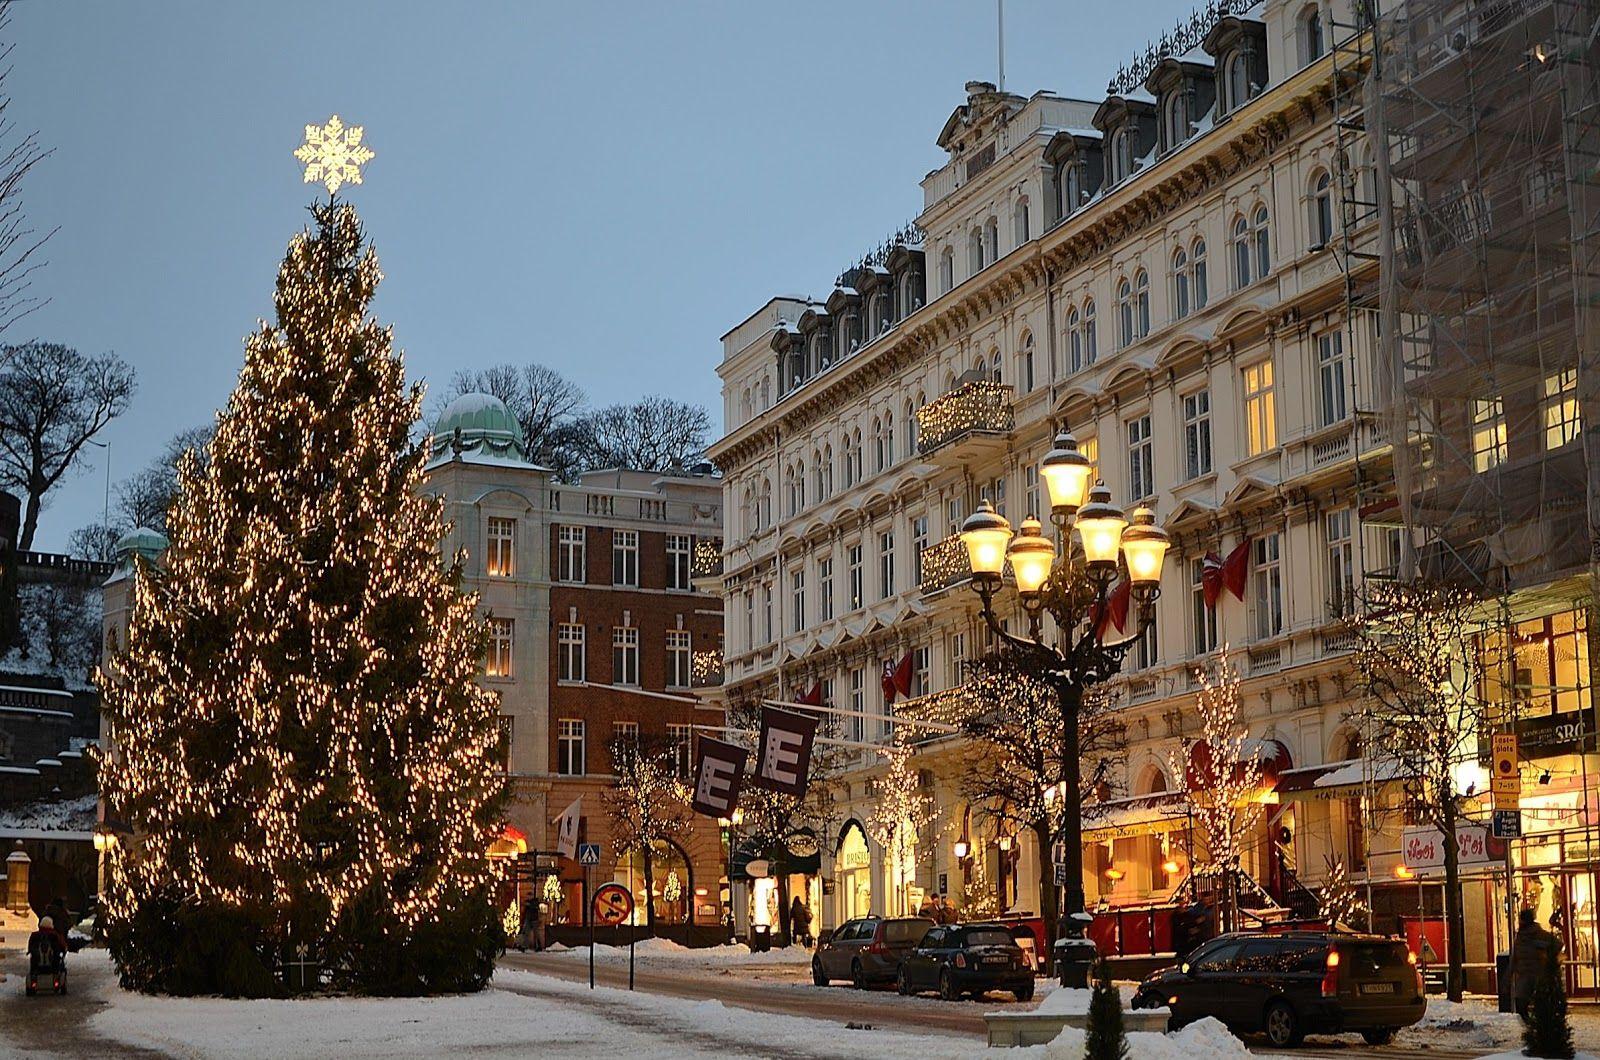 Christmas In Sweden Mercado De Navidad Estocolmo Suecia